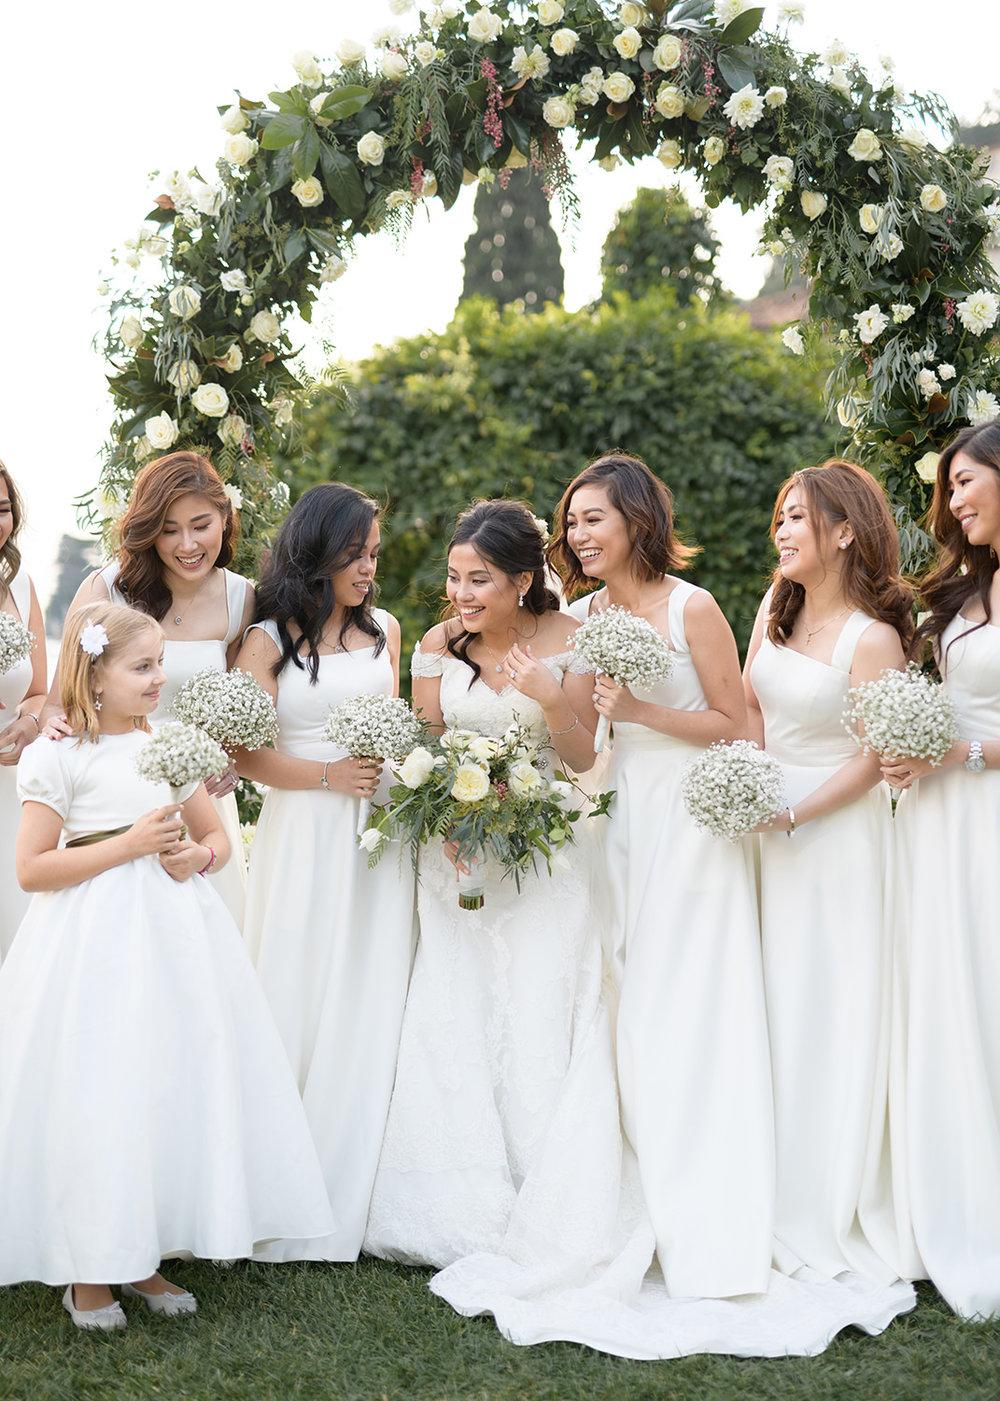 villa-regina-teodolinda-wedding-photographer-C&B-©bottega53-66.JPG